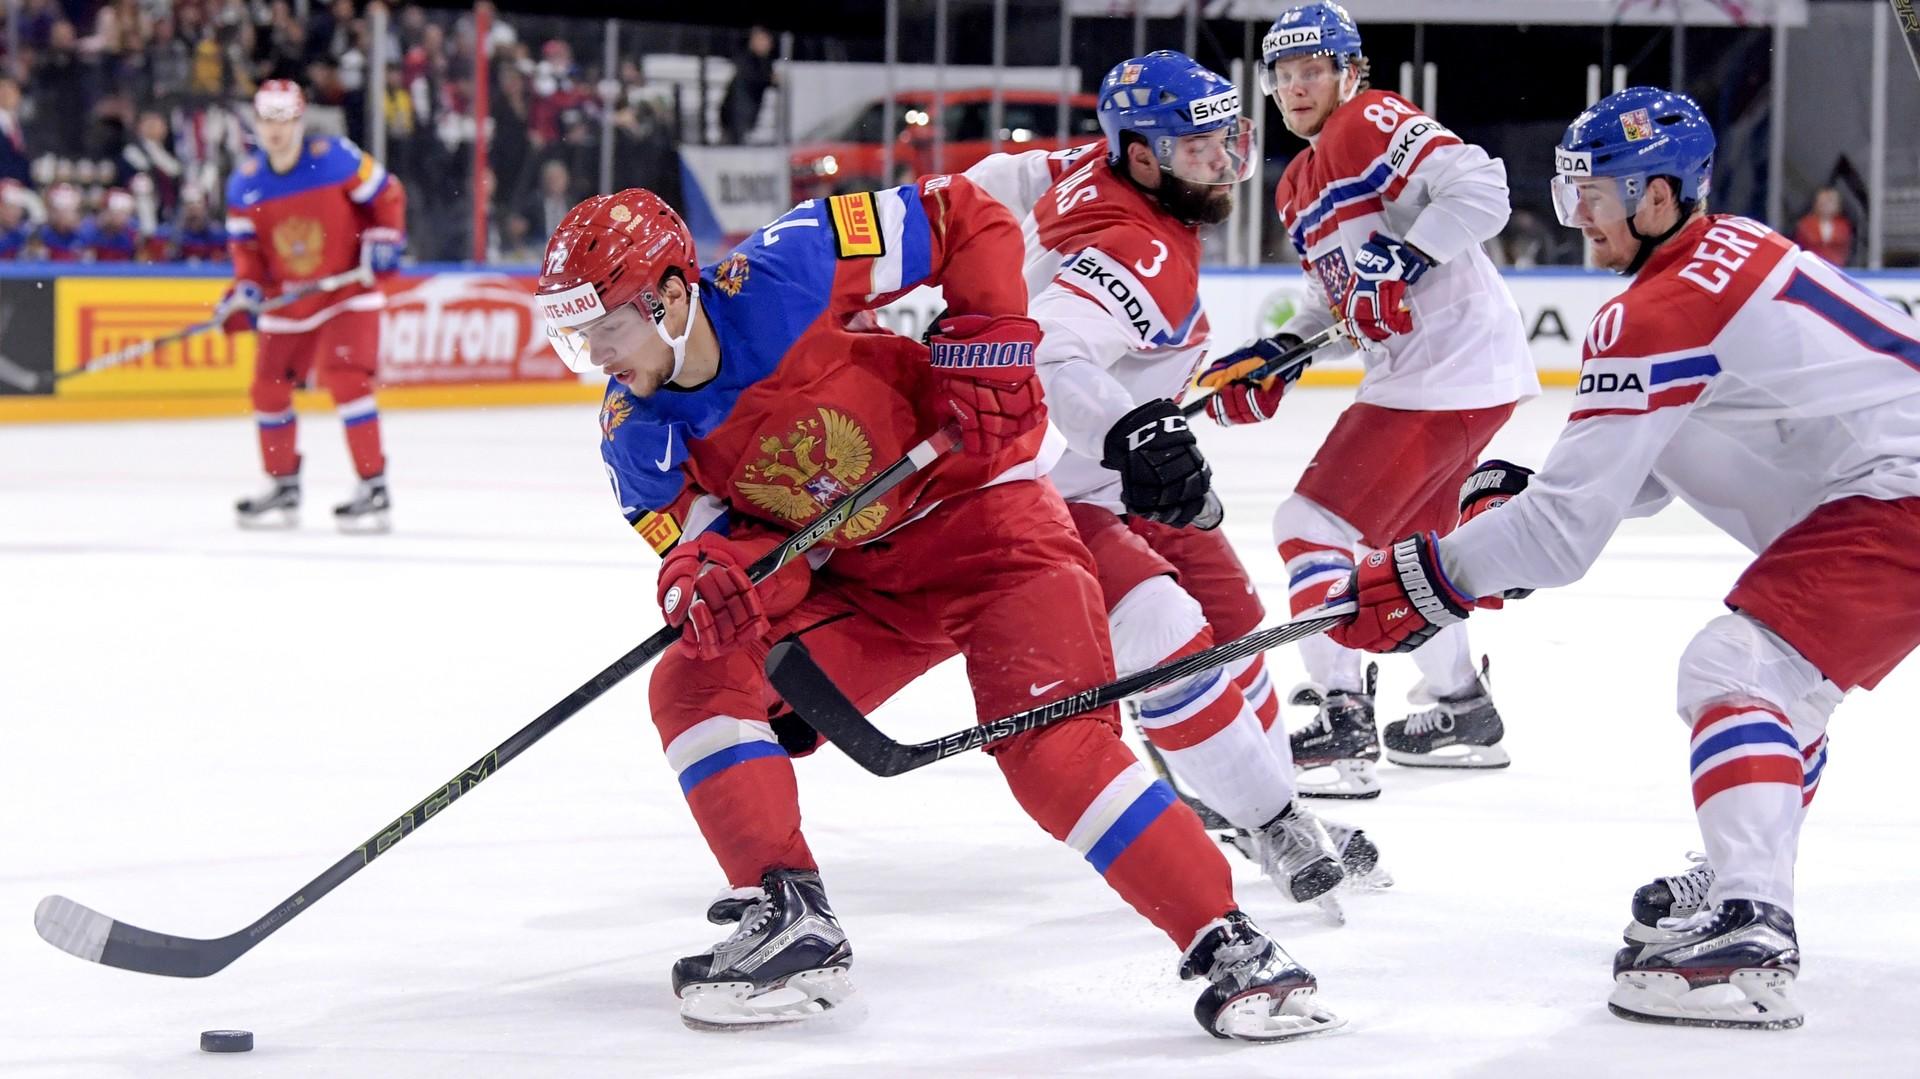 «На хоккей сборной России любо-дорого смотреть»: Николишин о полуфинале ЧМ с Канадой